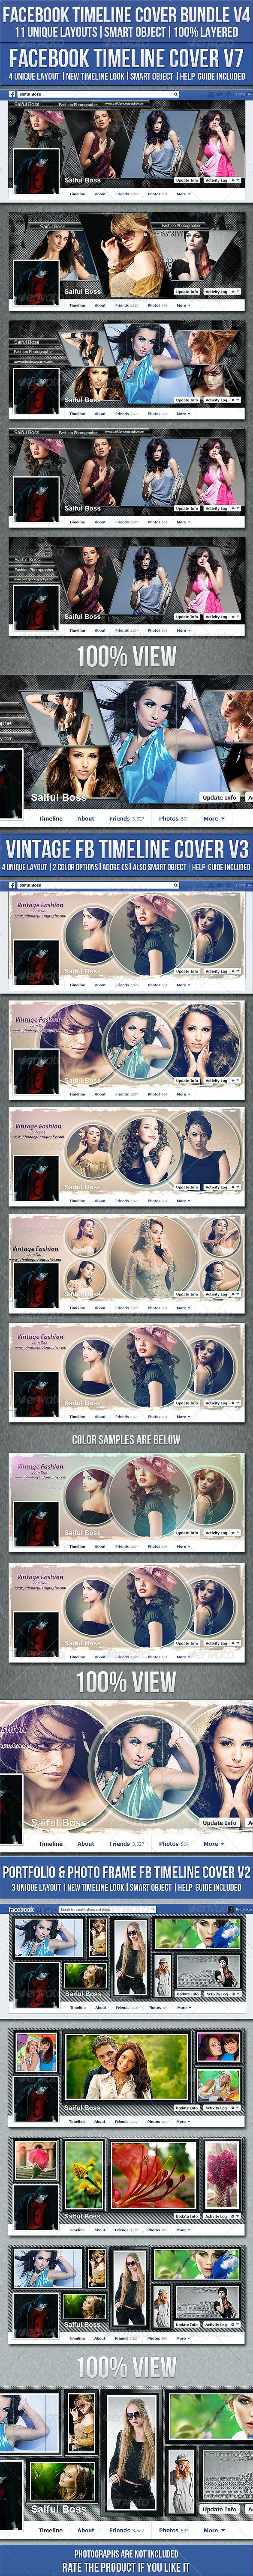 GraphicRiver Facebook Timeline Cover Bundle V4 7992706